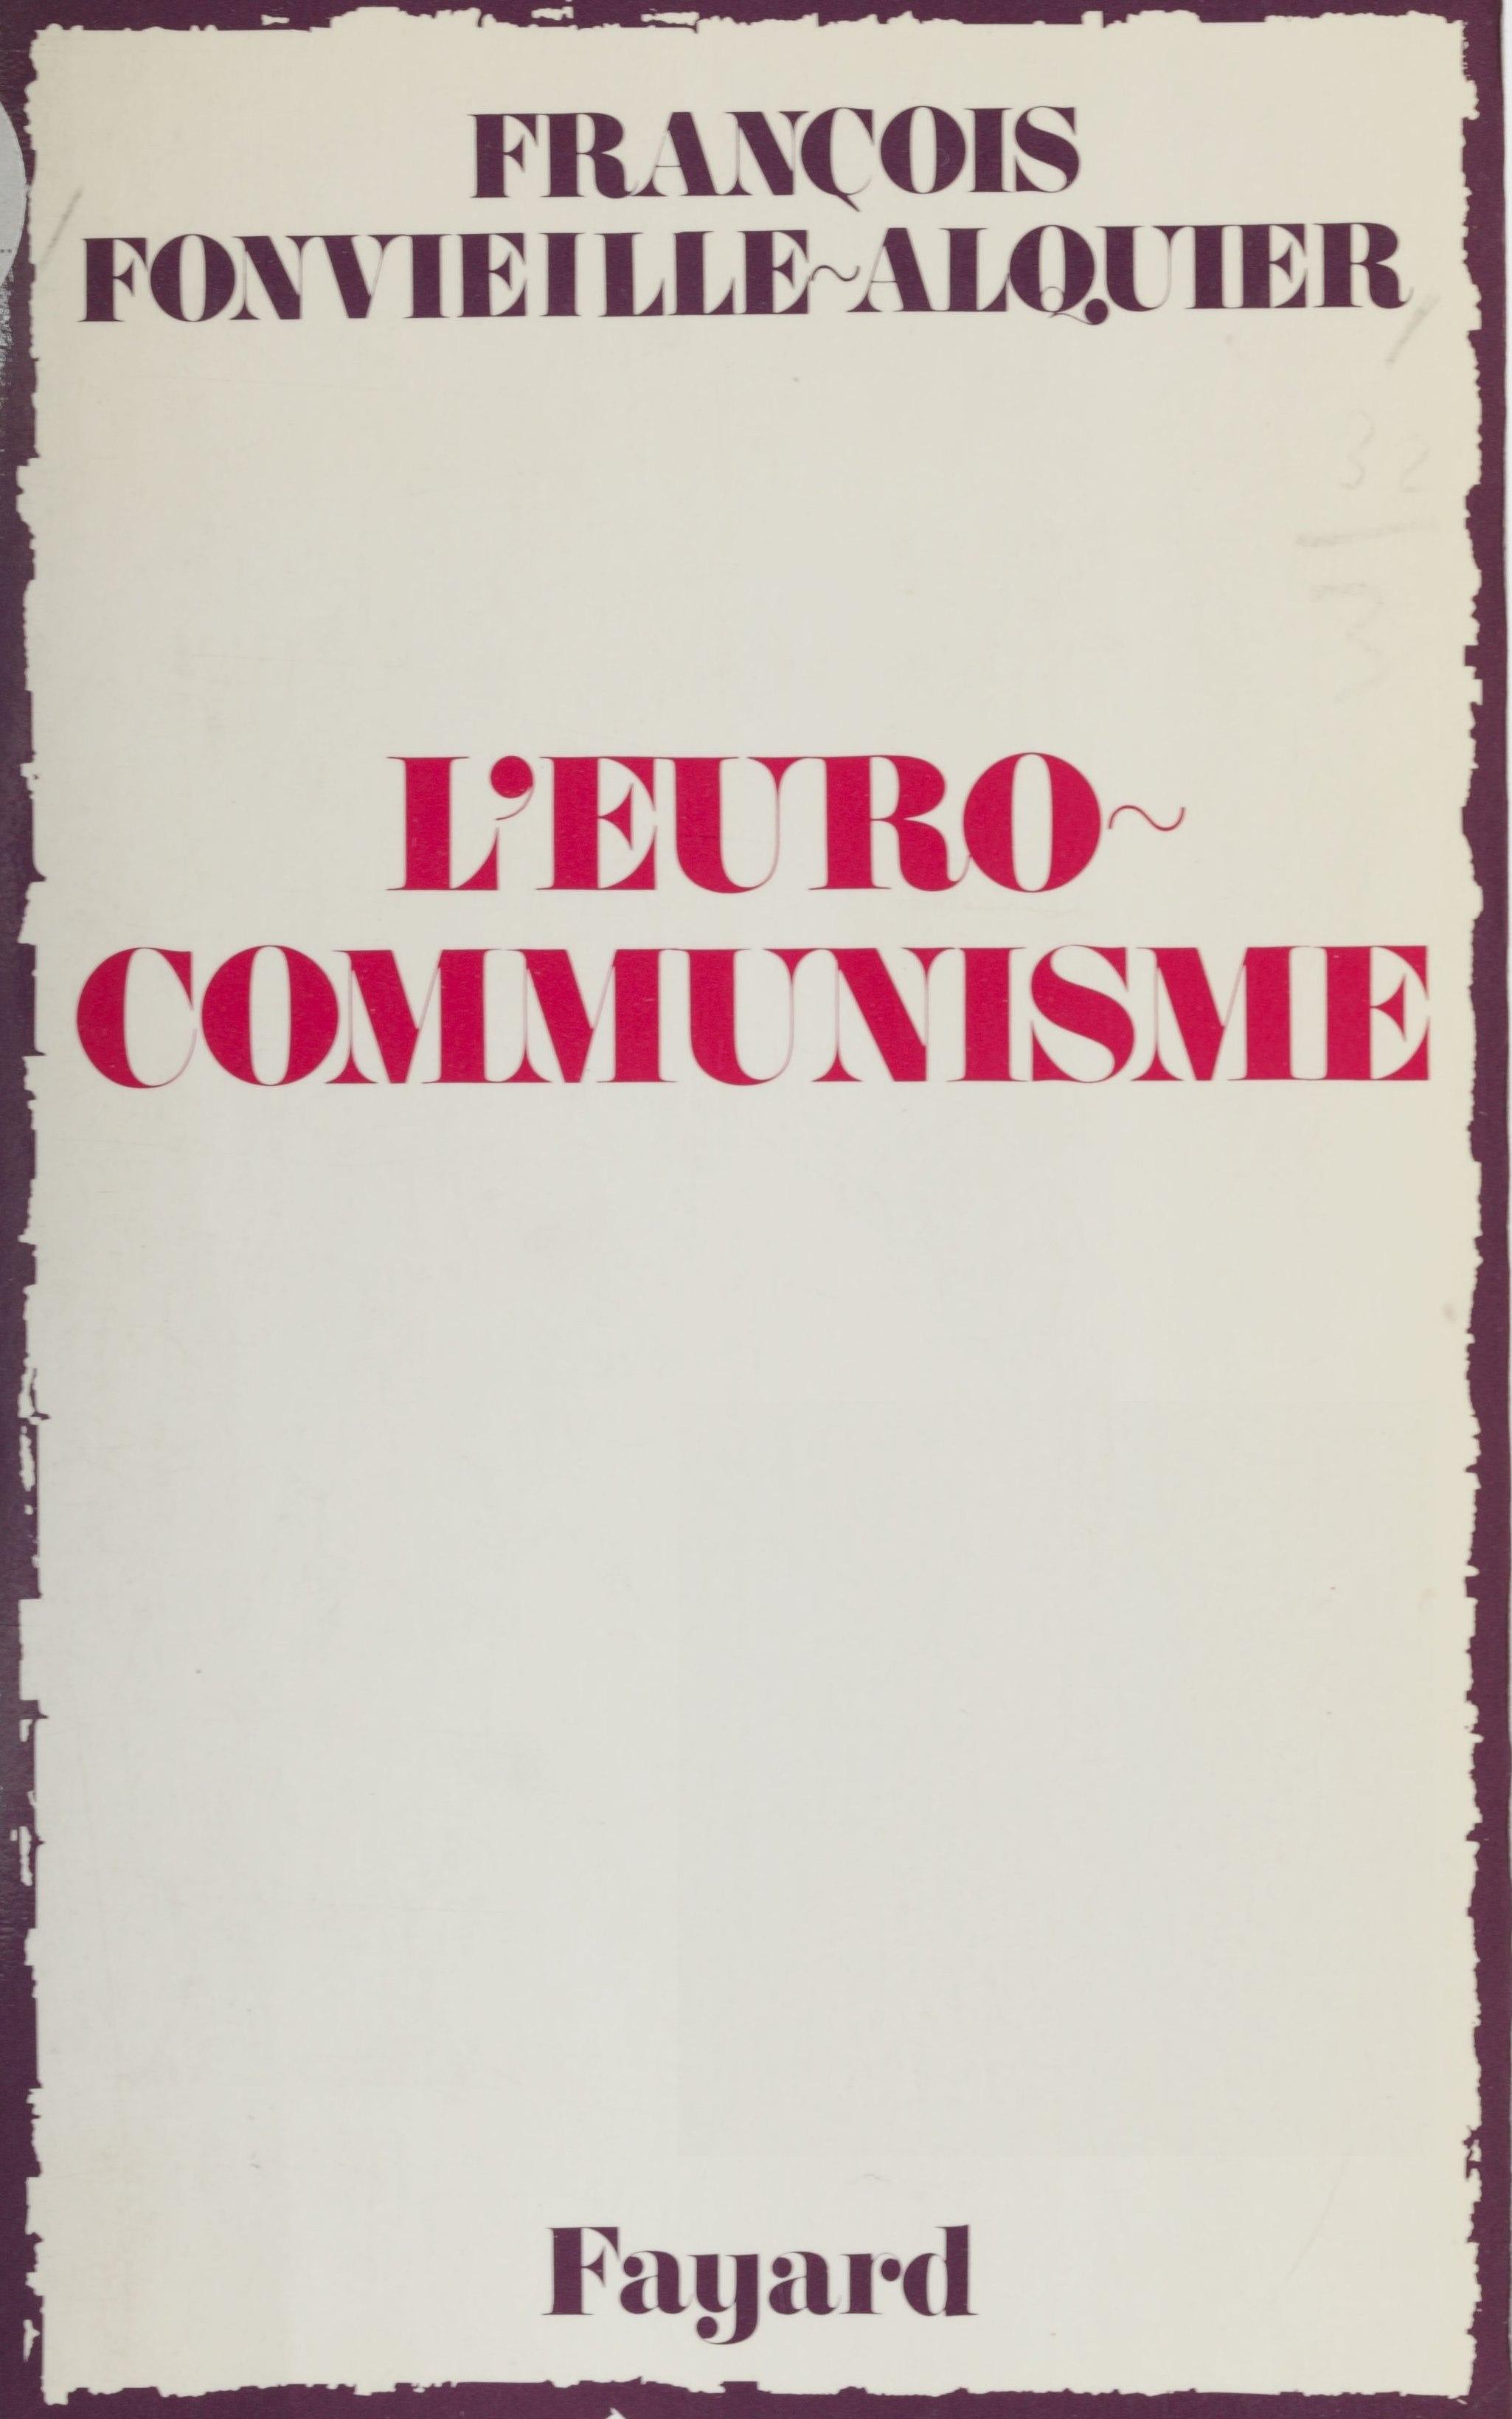 L'Euro-communisme